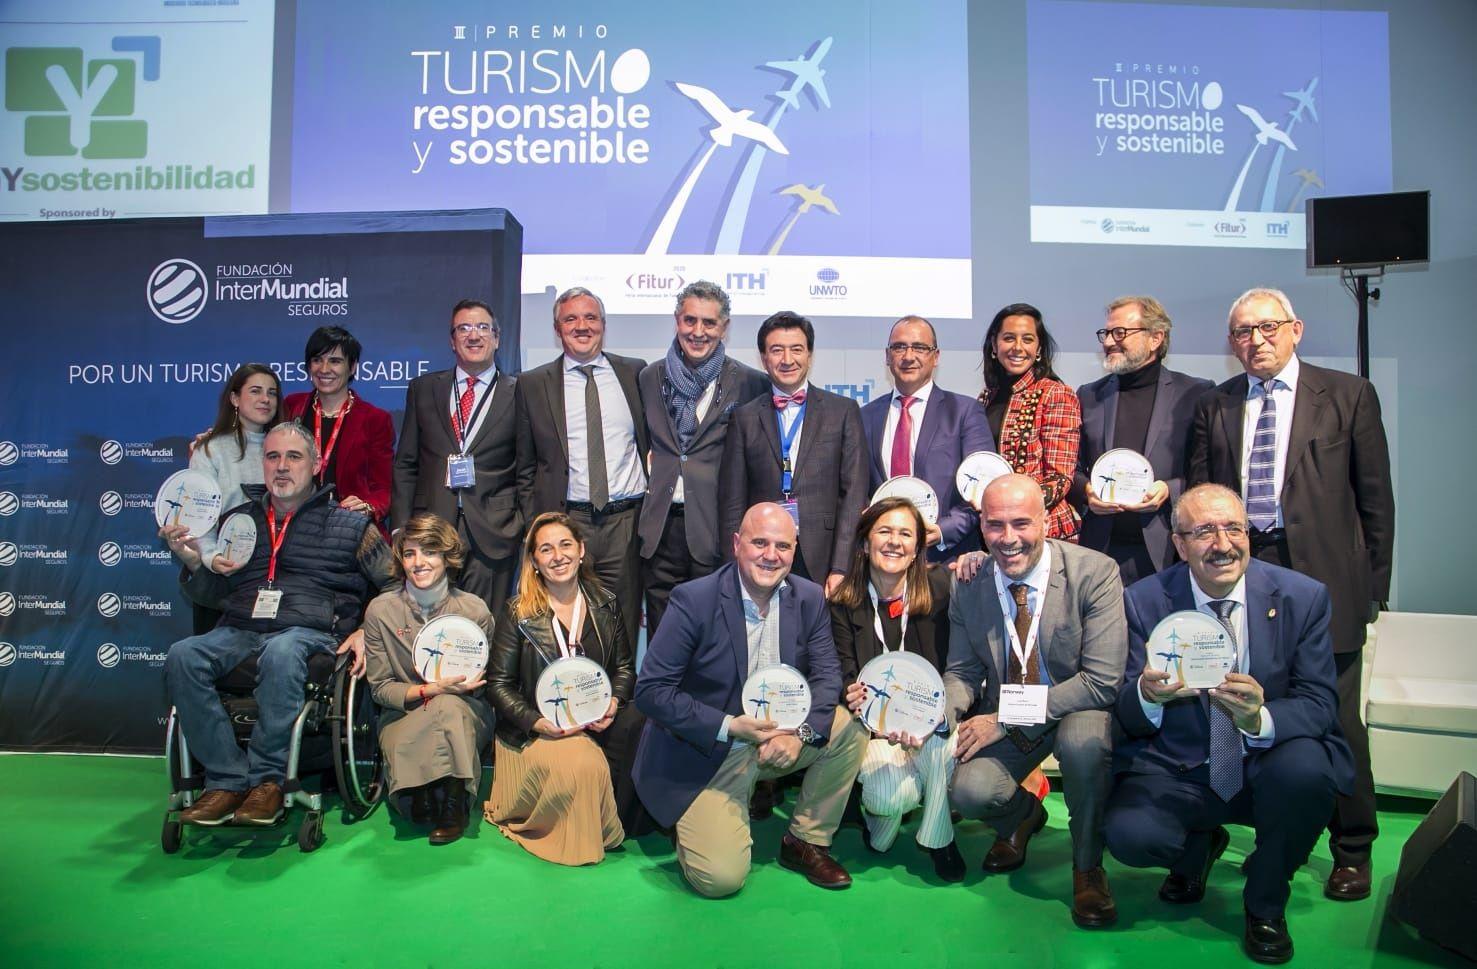 Foto de Ganadores y finalistas del III Premio Turismo Responsable y